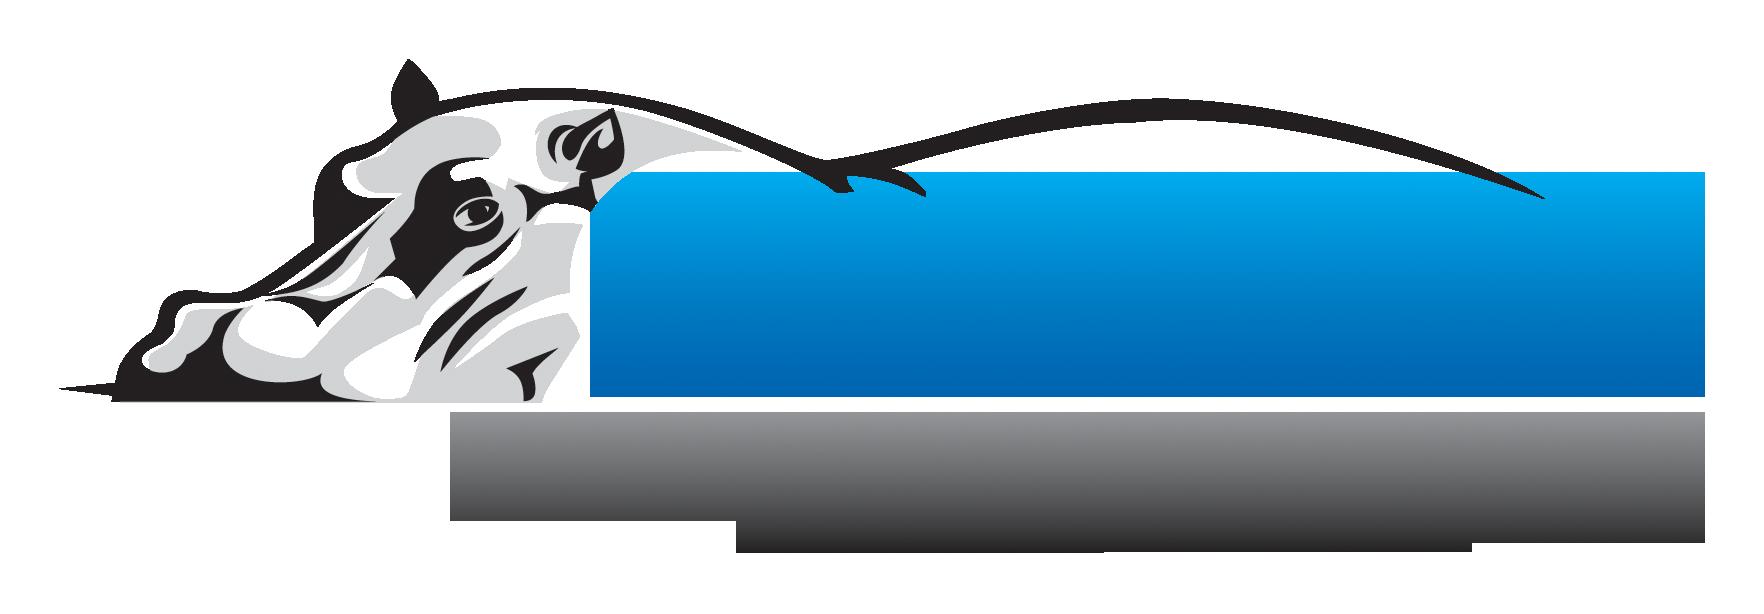 logo: Crunchy